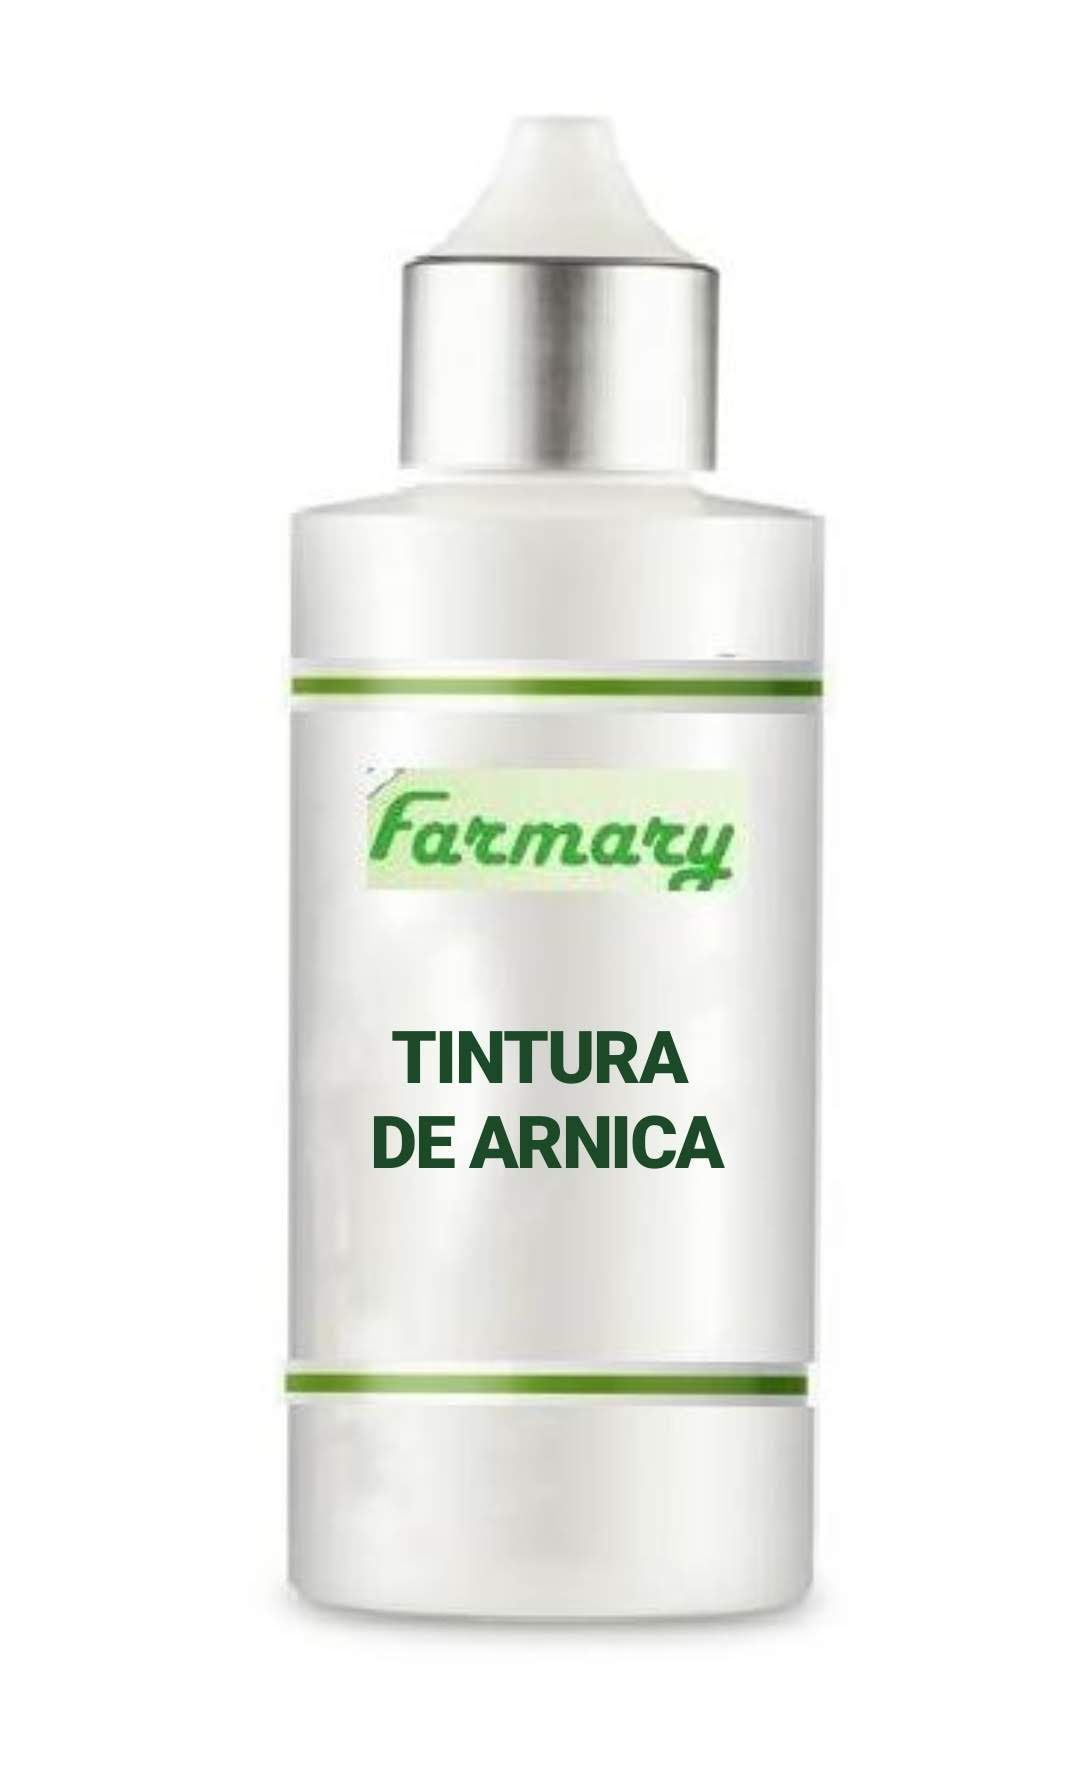 TINTURA DE ARNICA